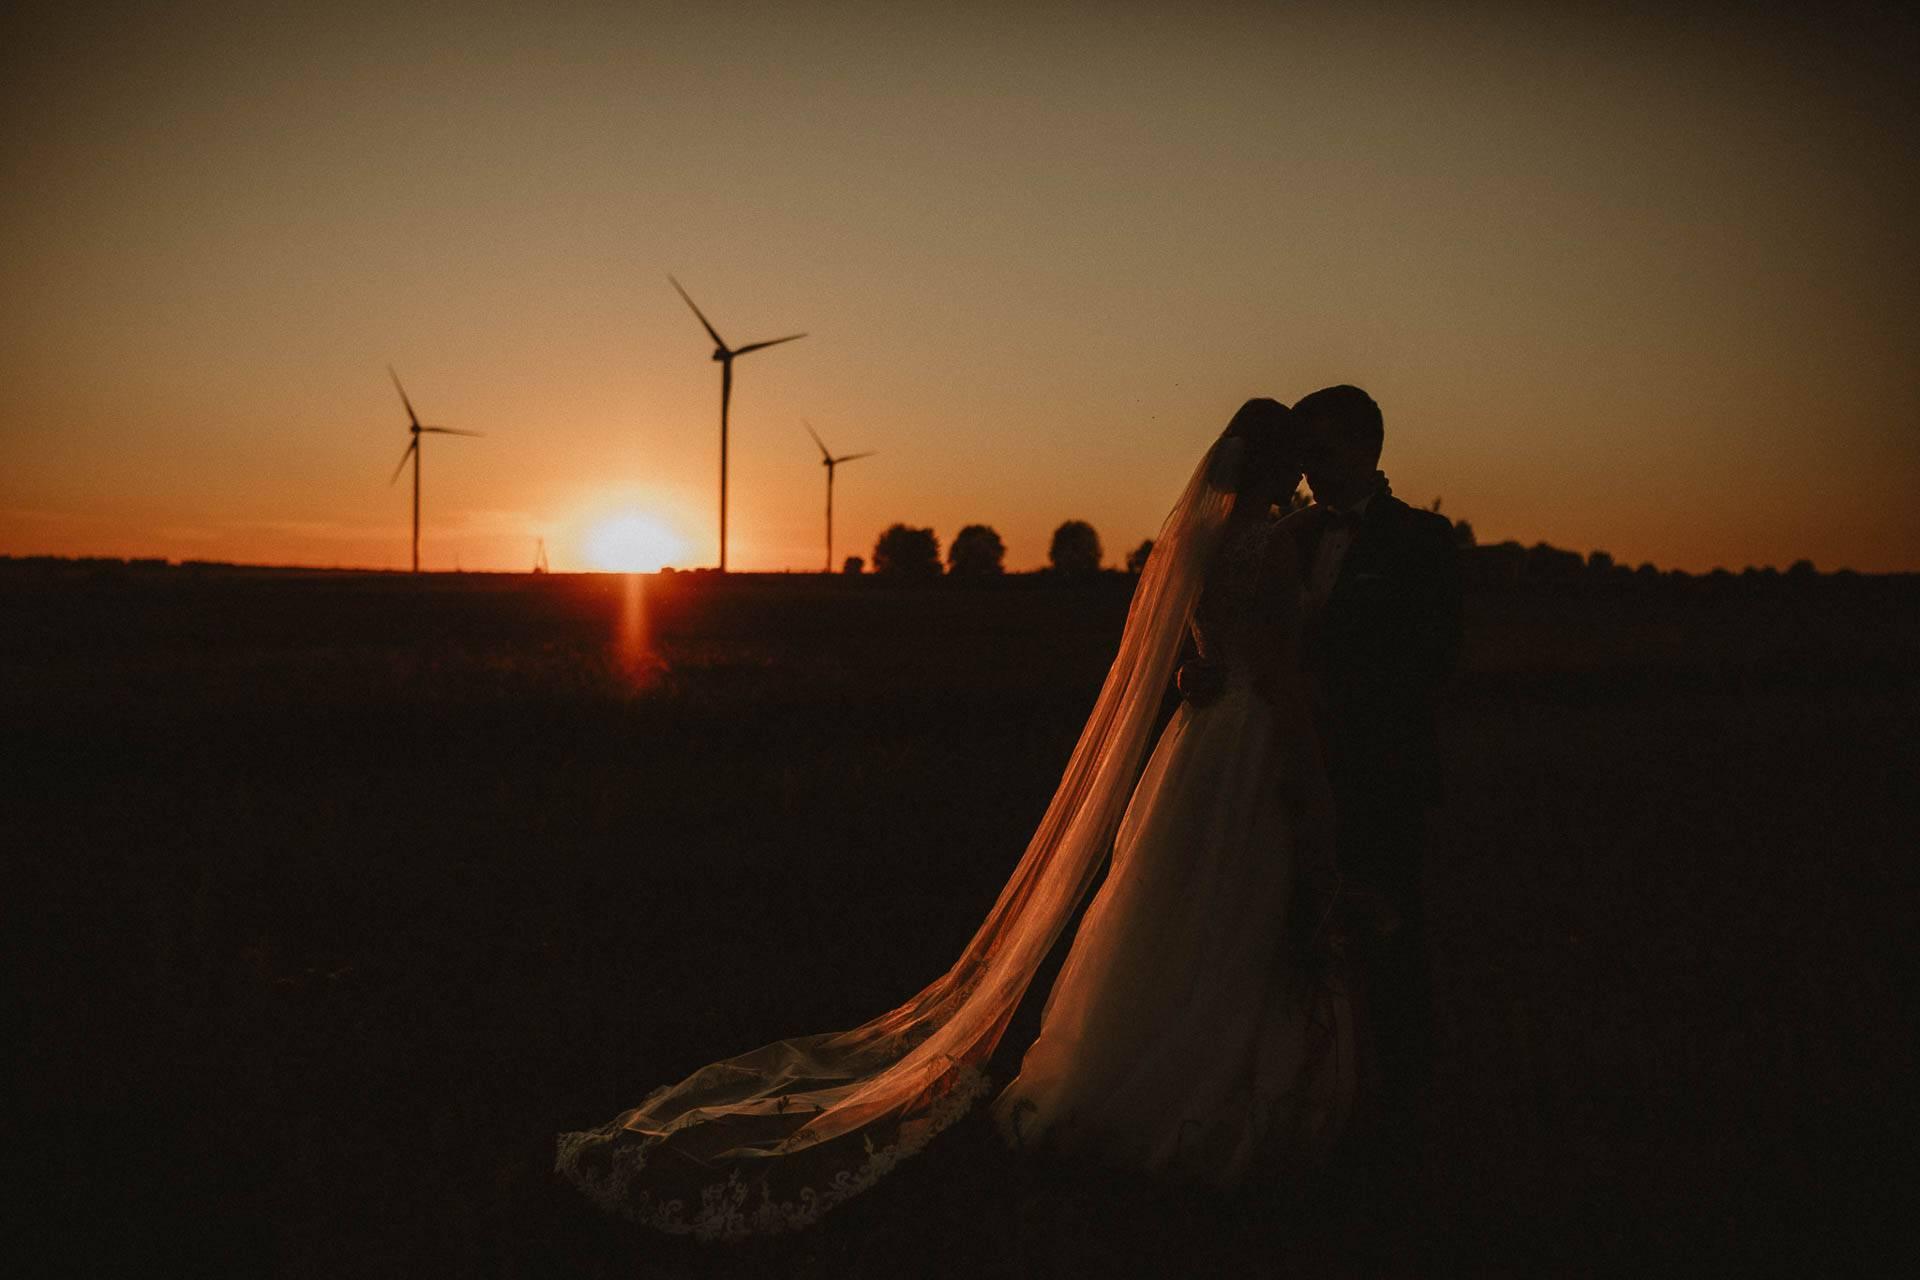 Sesja plenerowa o zachodzie słońca, w tle turbiny wiatrowe